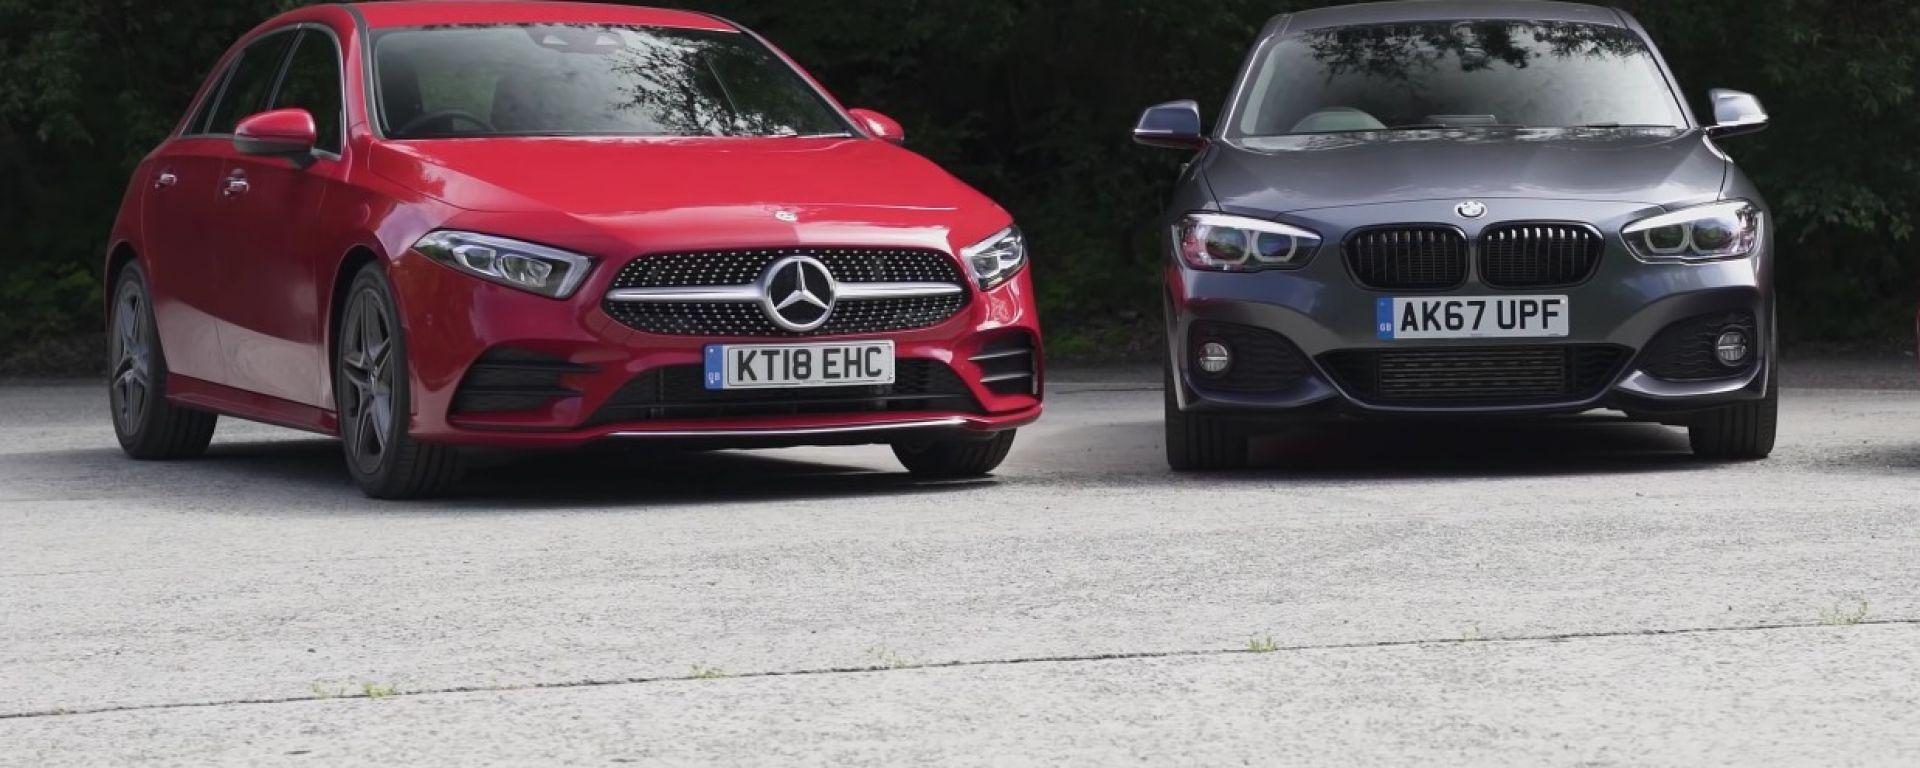 Mercedes Classe A e BMW Serie 1, un futuro da...gemelle?